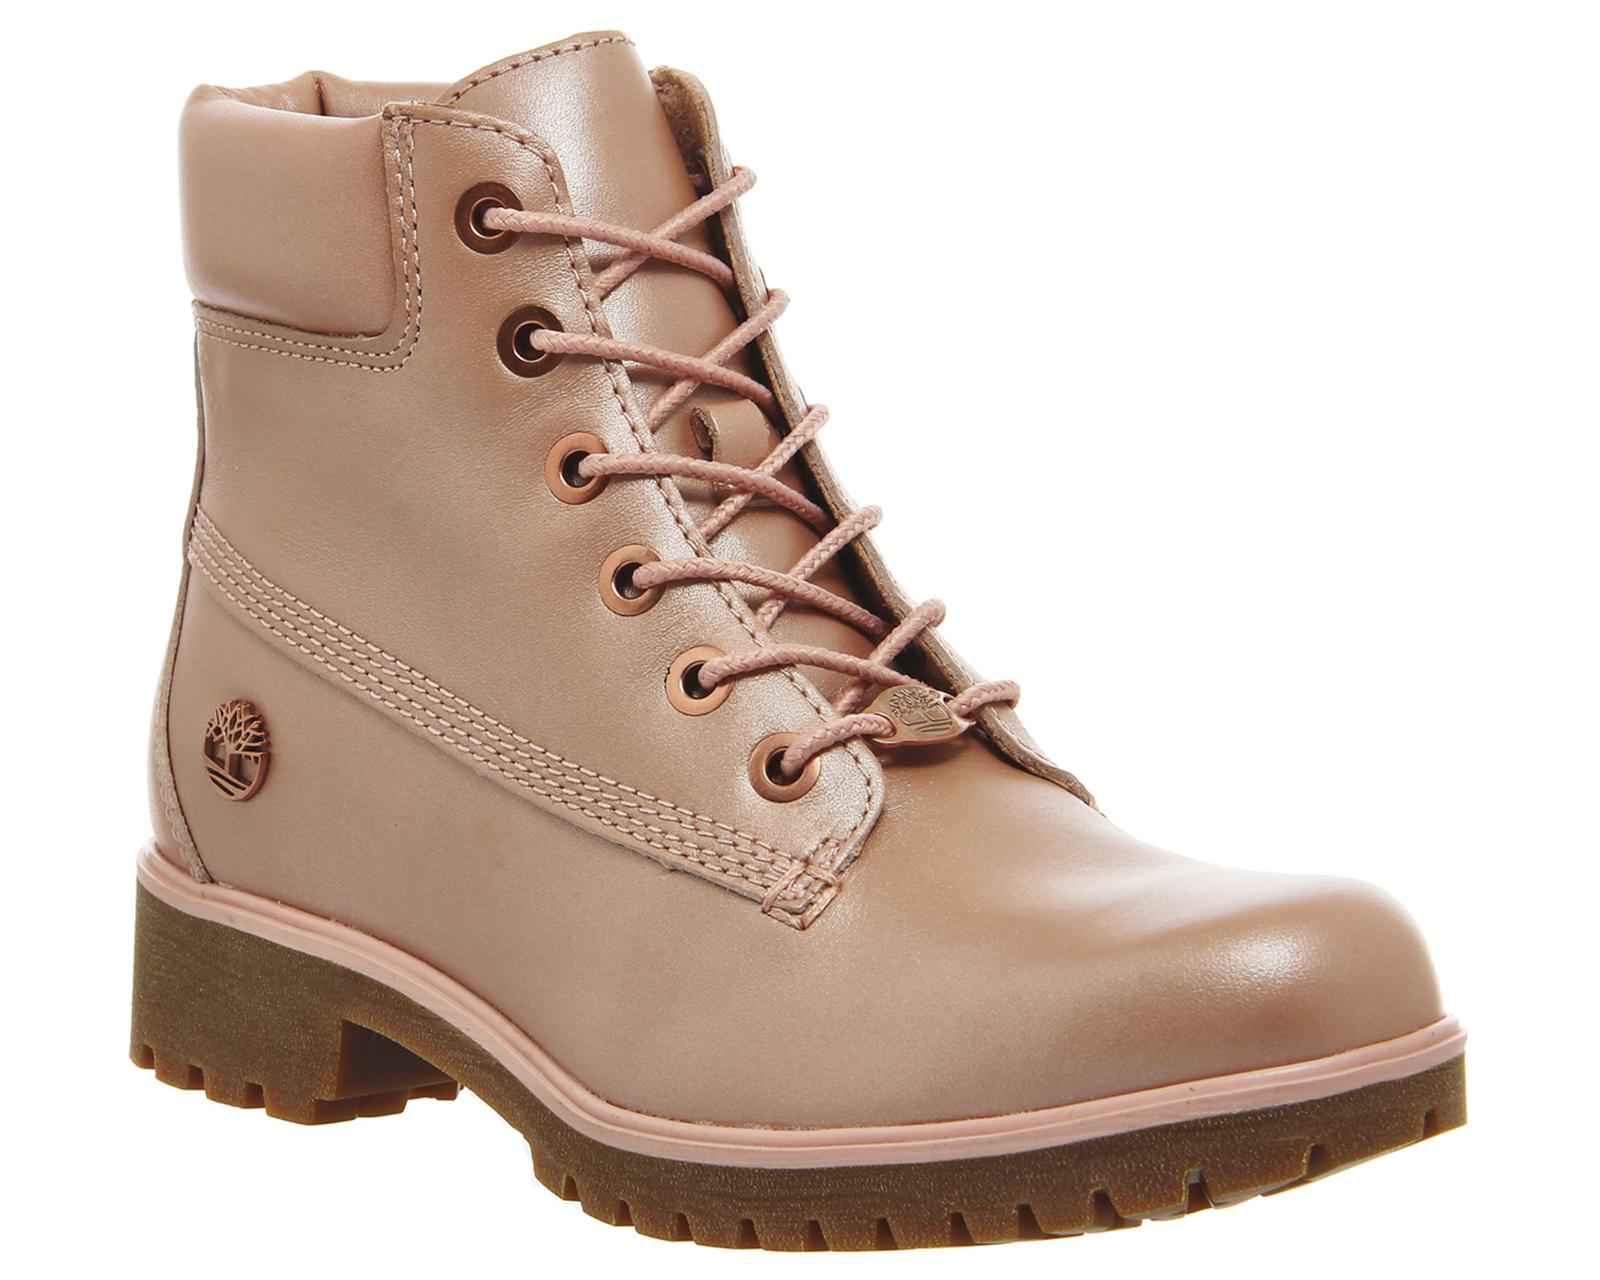 Timberland Women Boots